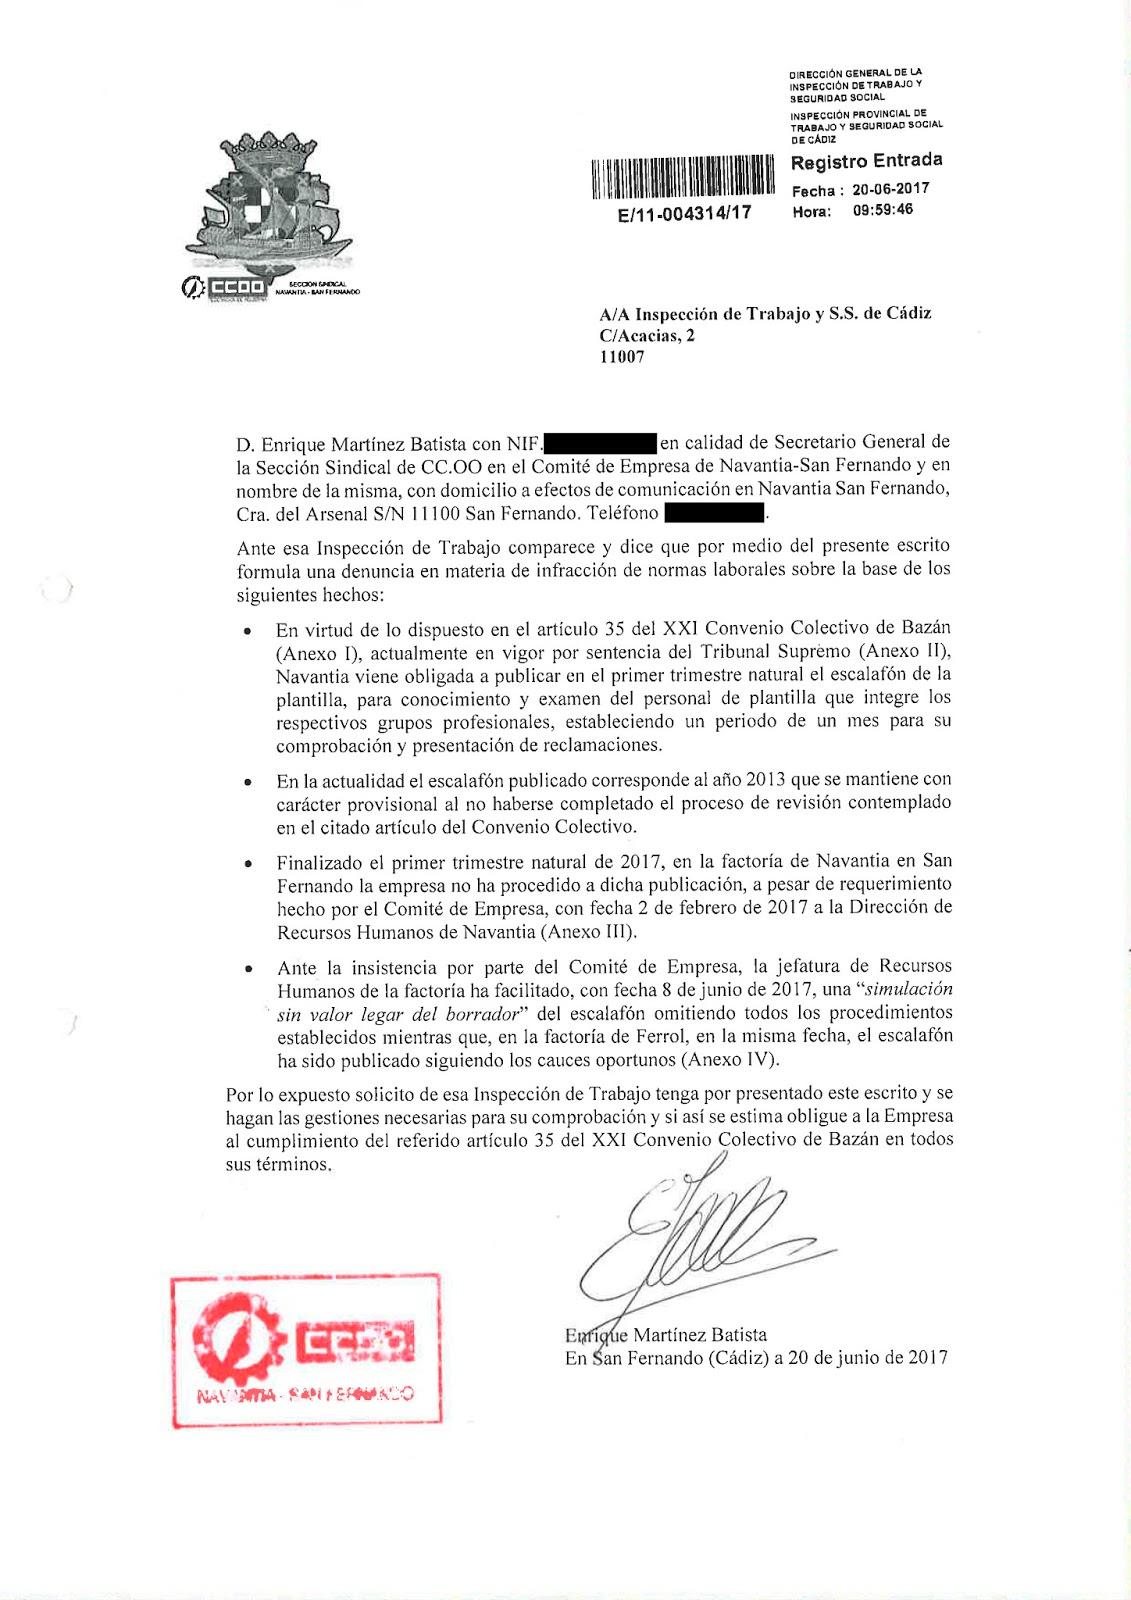 CCOO - NAVANTIA - SAN FERNANDO: CCOO denuncia a Navantia San ...